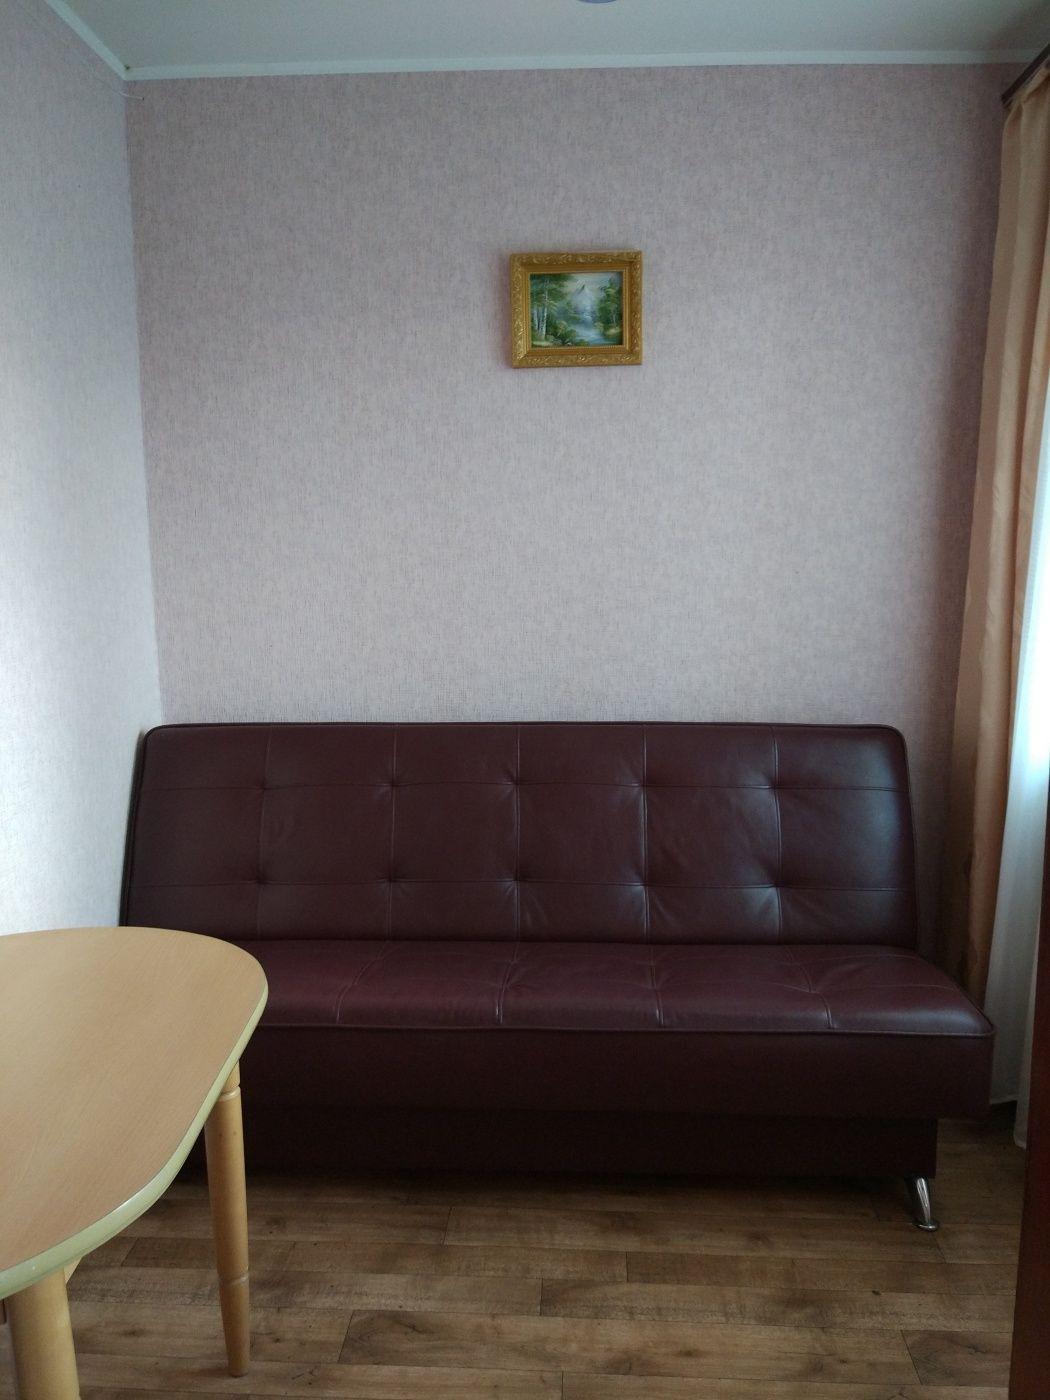 Турбаза «Домостроитель» Саратовская область 2-комнатный номер с удобствами (корпус № 1), фото 6